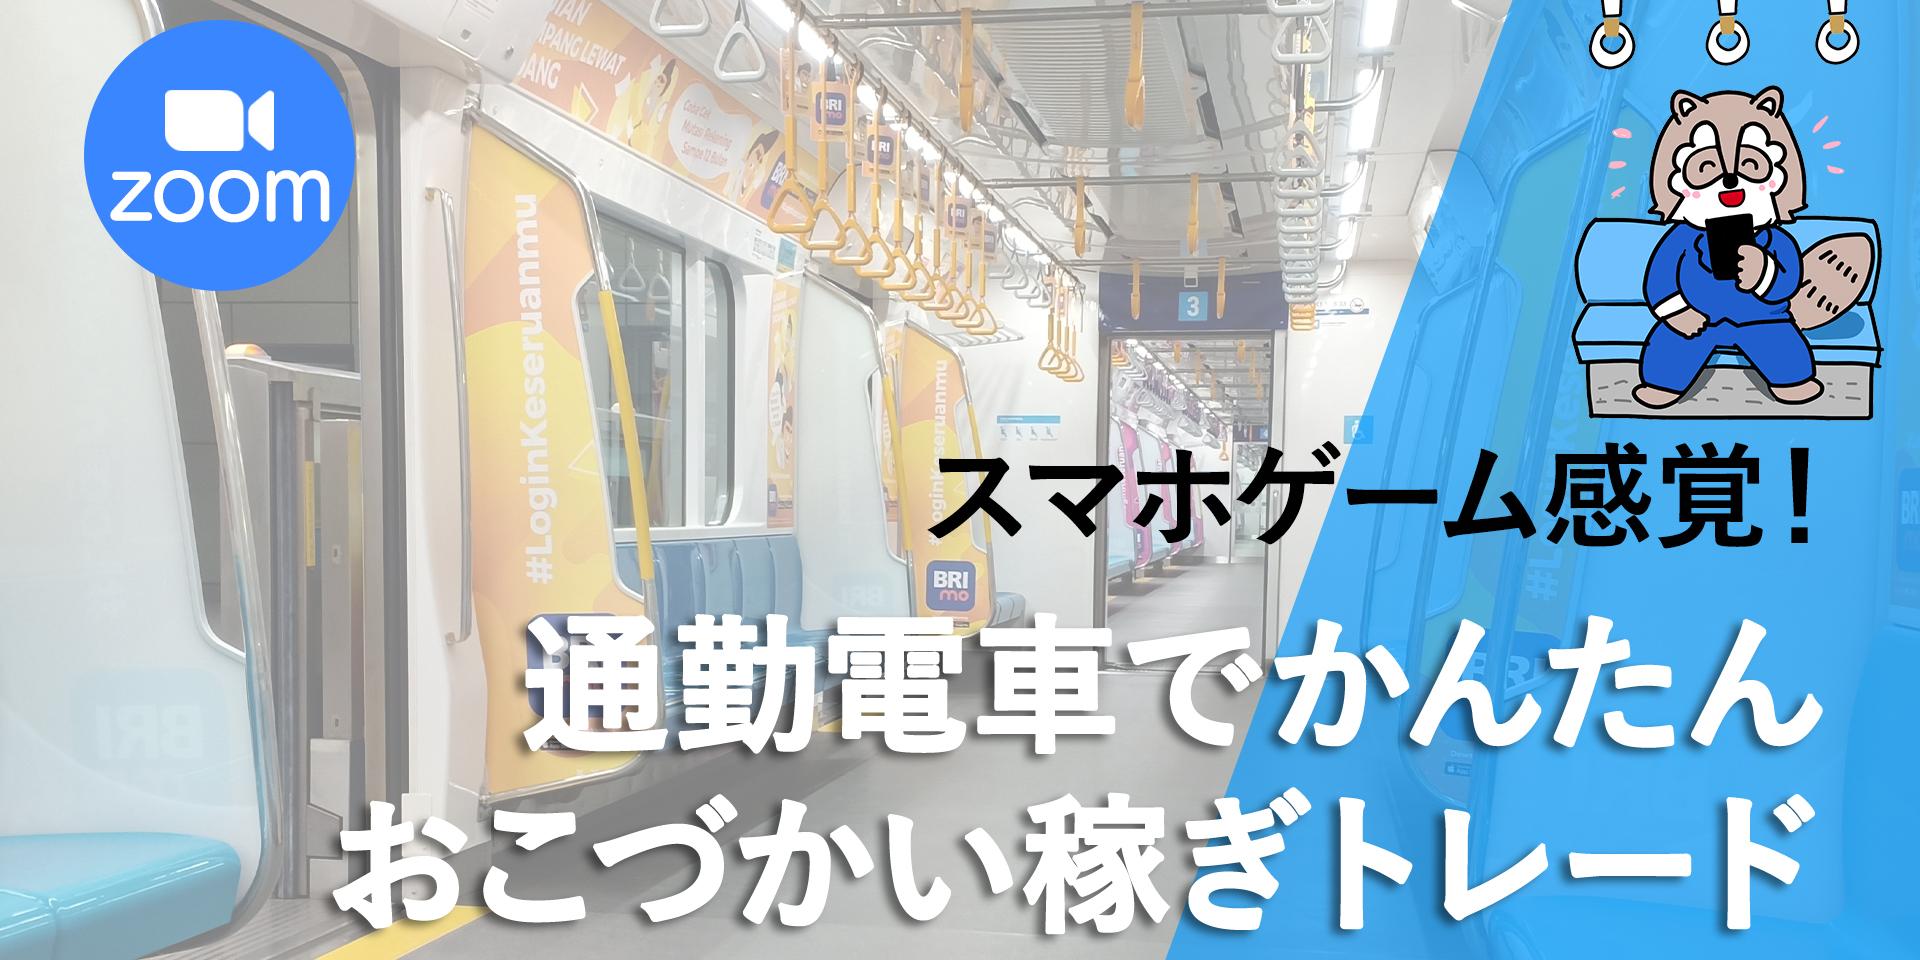 FXスマホ通勤電車zoom